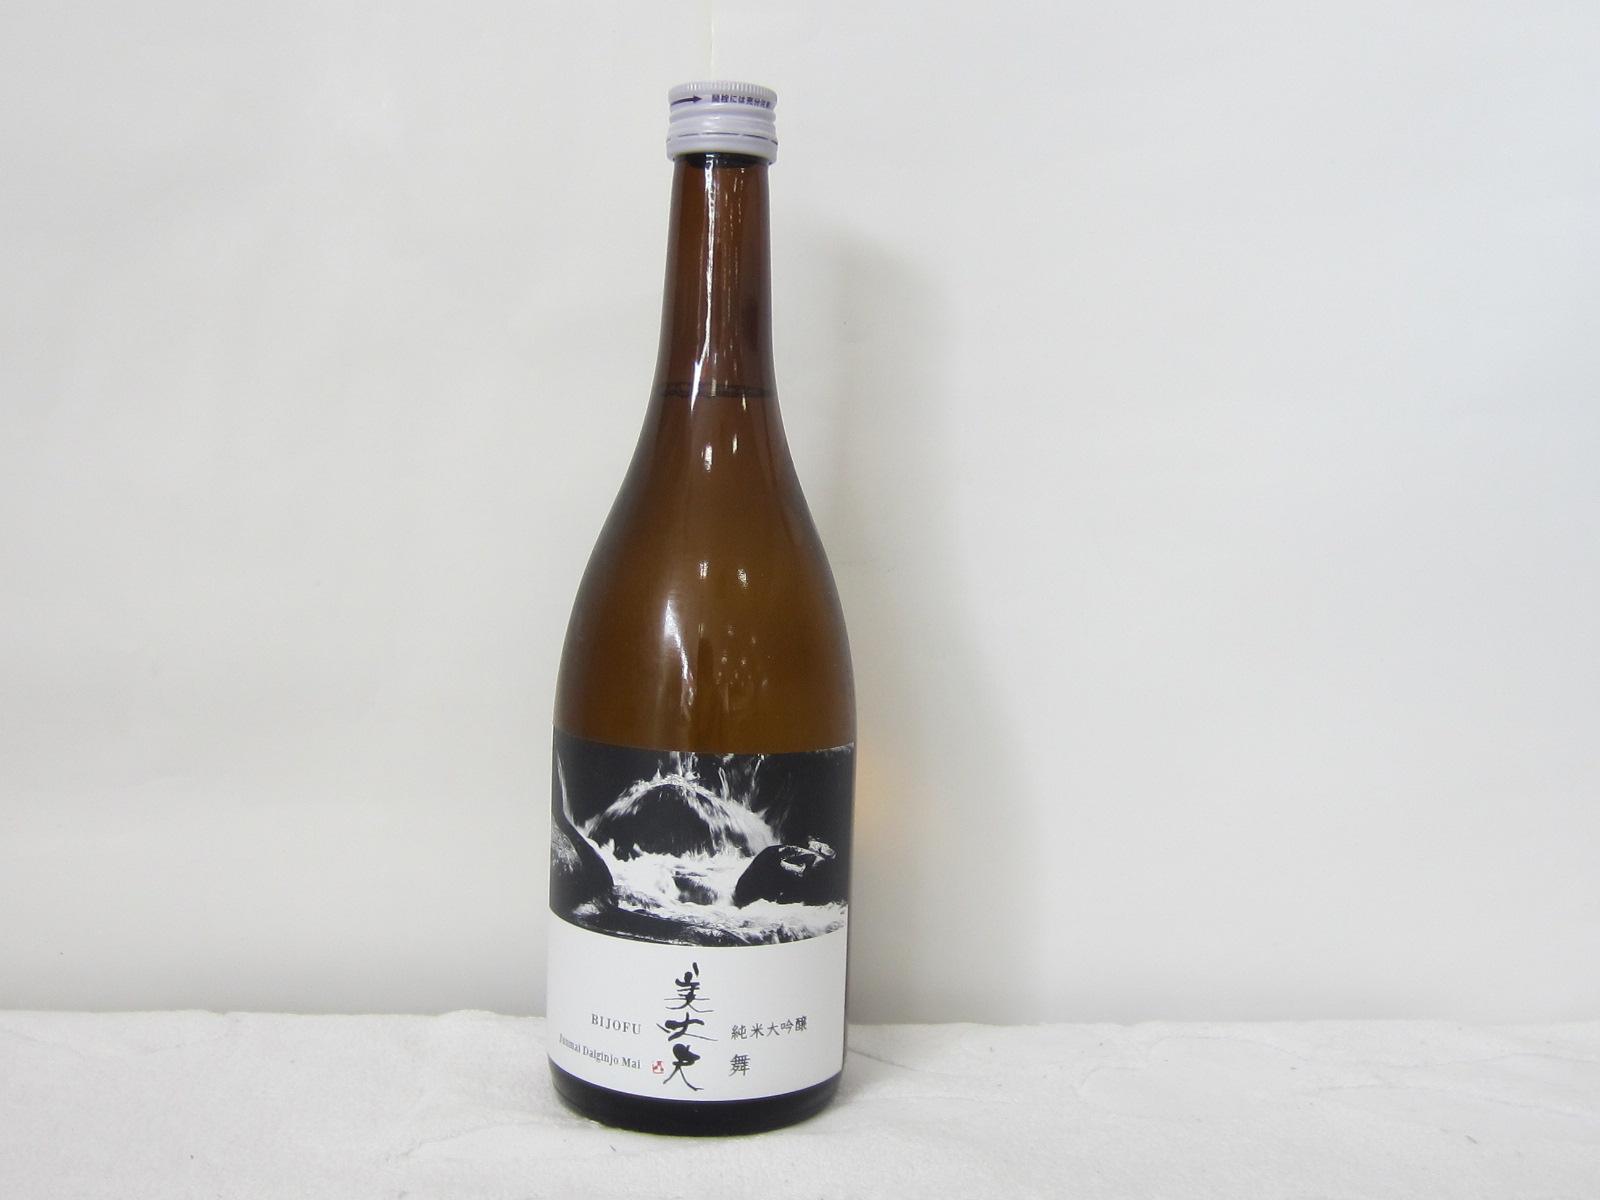 日本酒 在庫限り 土佐 AL完売しました。 高知酒造好適米 松山三井のうち粒の大きいものを選別したものがしずく媛 選りすぐりの原料から醸し出す至極の逸品 美丈夫 しずく媛 純米大吟醸酒 舞 720ml 高知